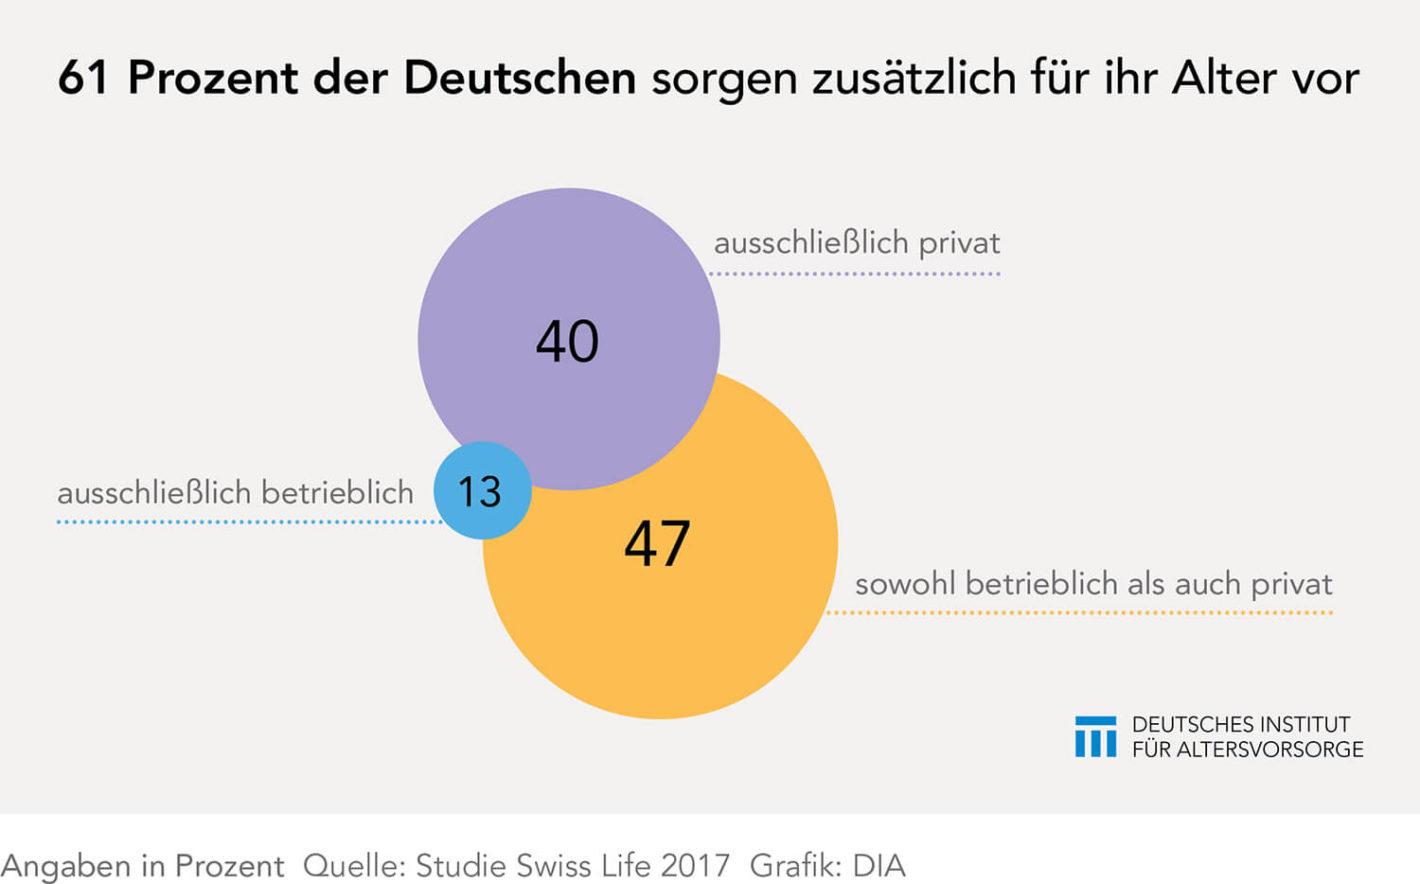 Deutsche zu faul bei der Altersvorsorge?